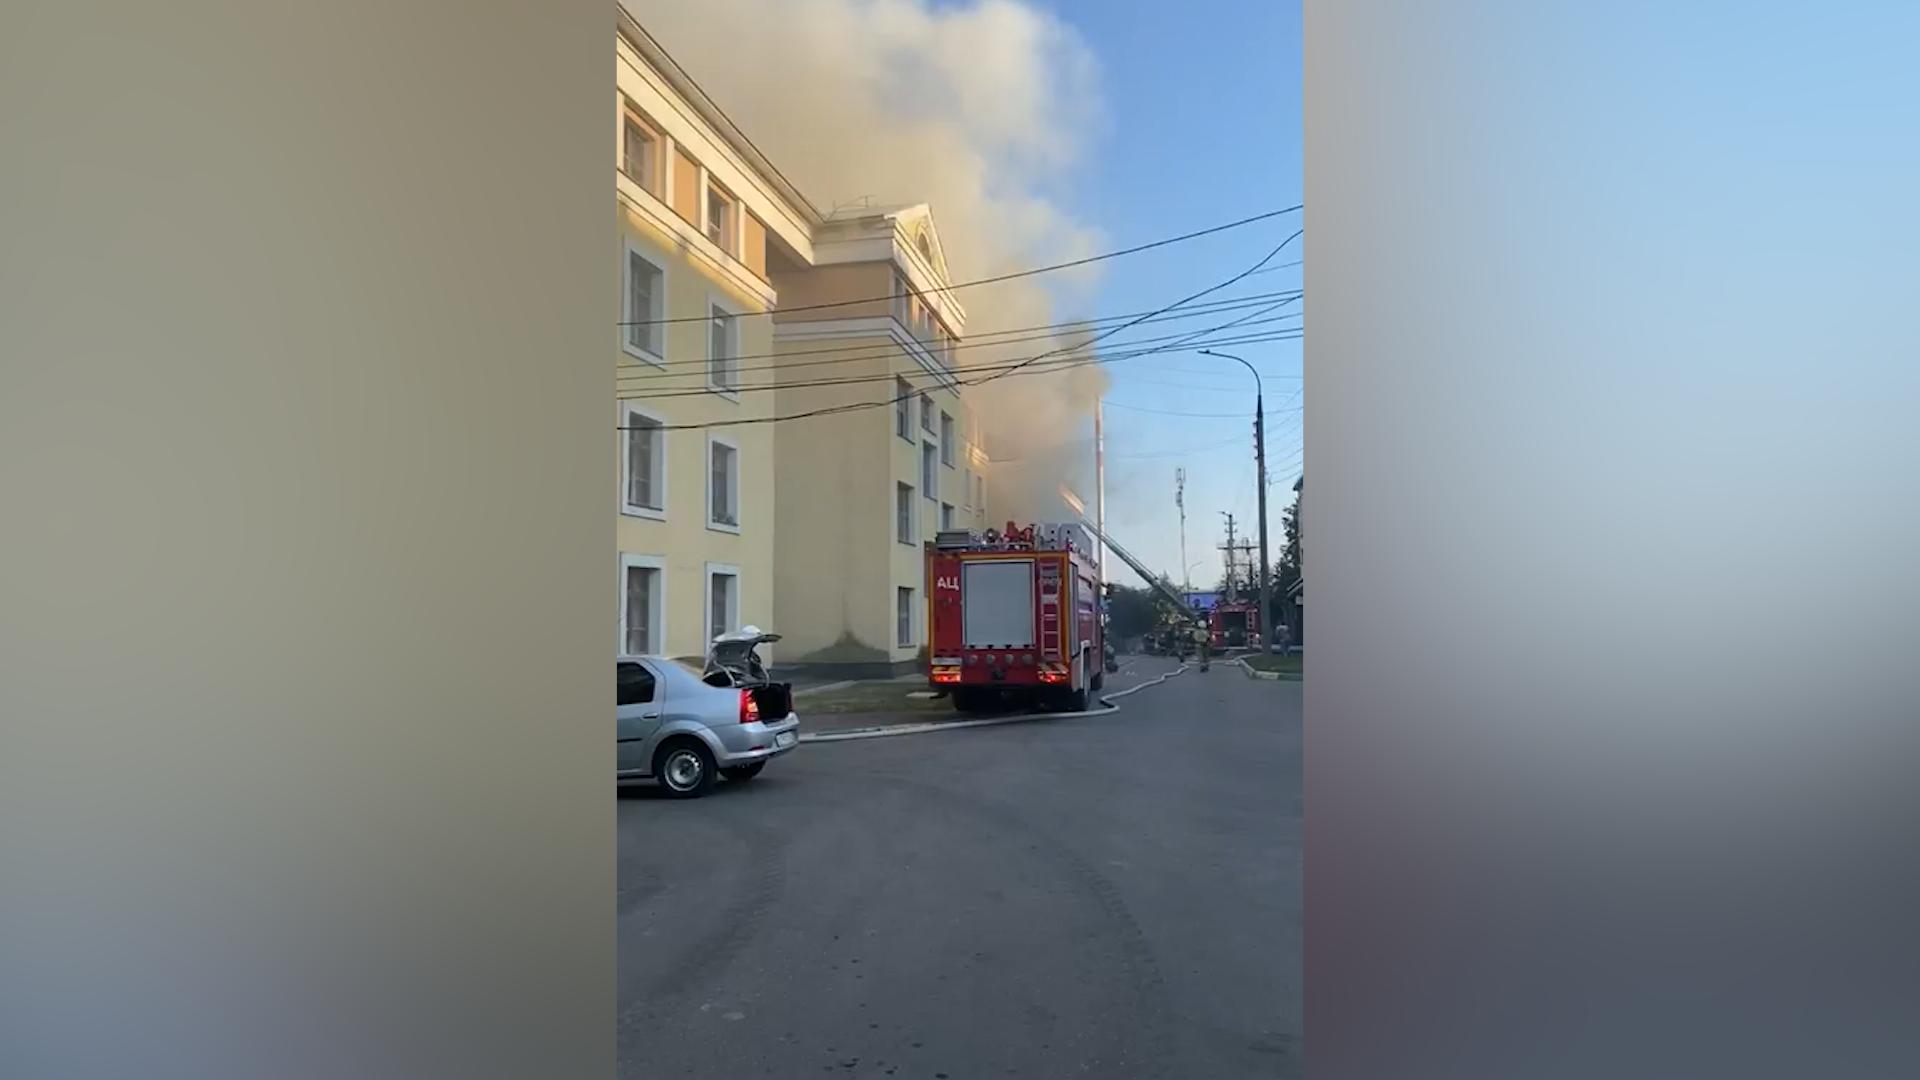 Семь человек пострадали при пожаре в общежитии медуниверситета в Нижнем Новгороде